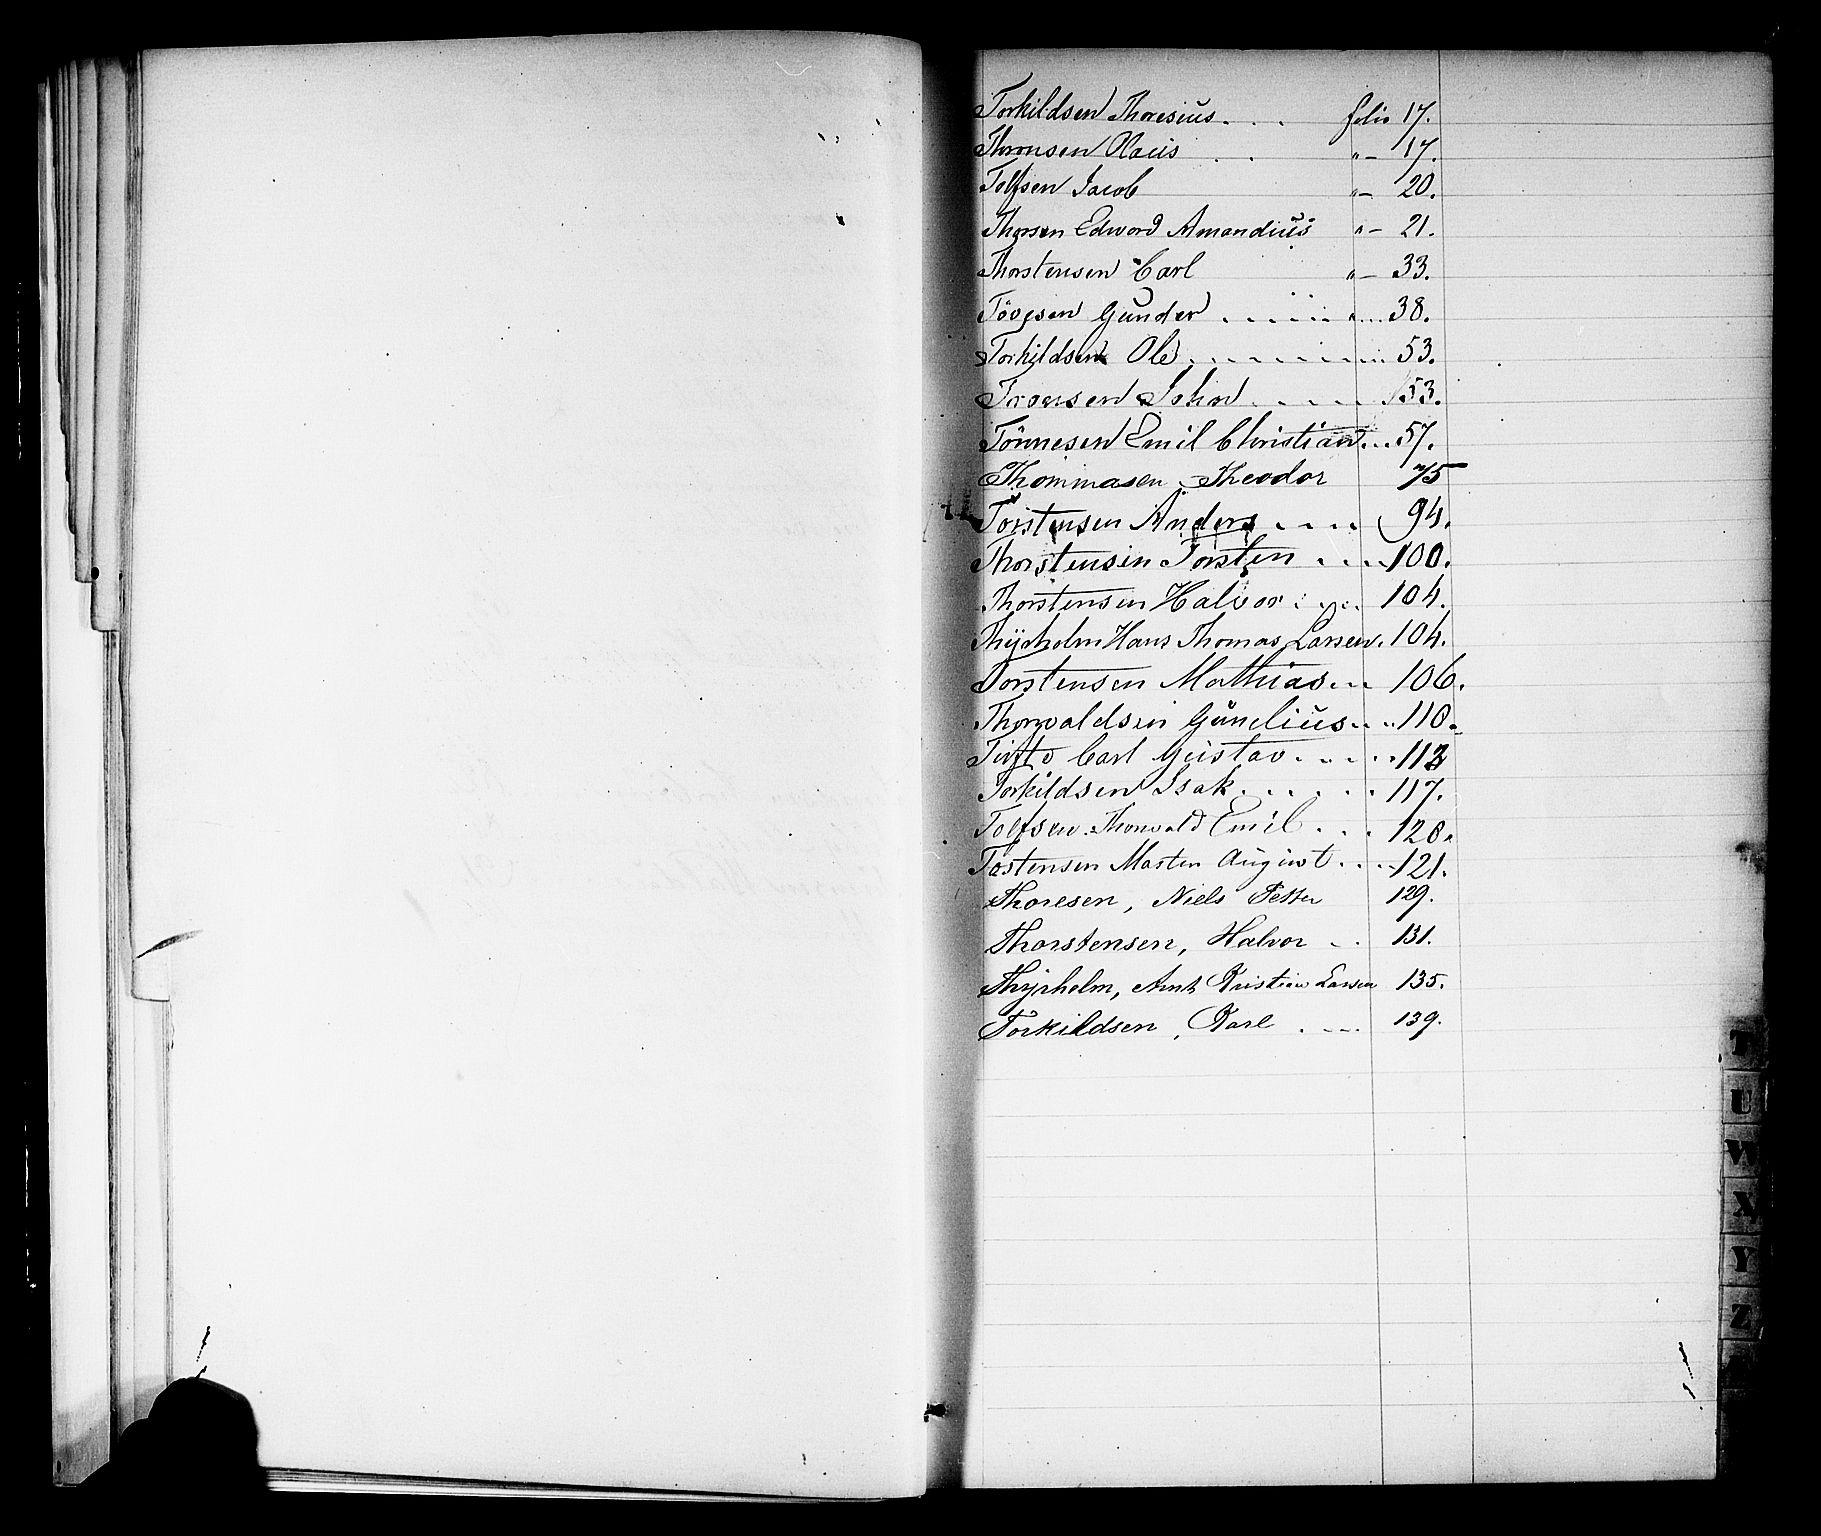 SAKO, Porsgrunn innrulleringskontor, F/Fb/L0001: Annotasjonsrulle, 1860-1868, s. 21